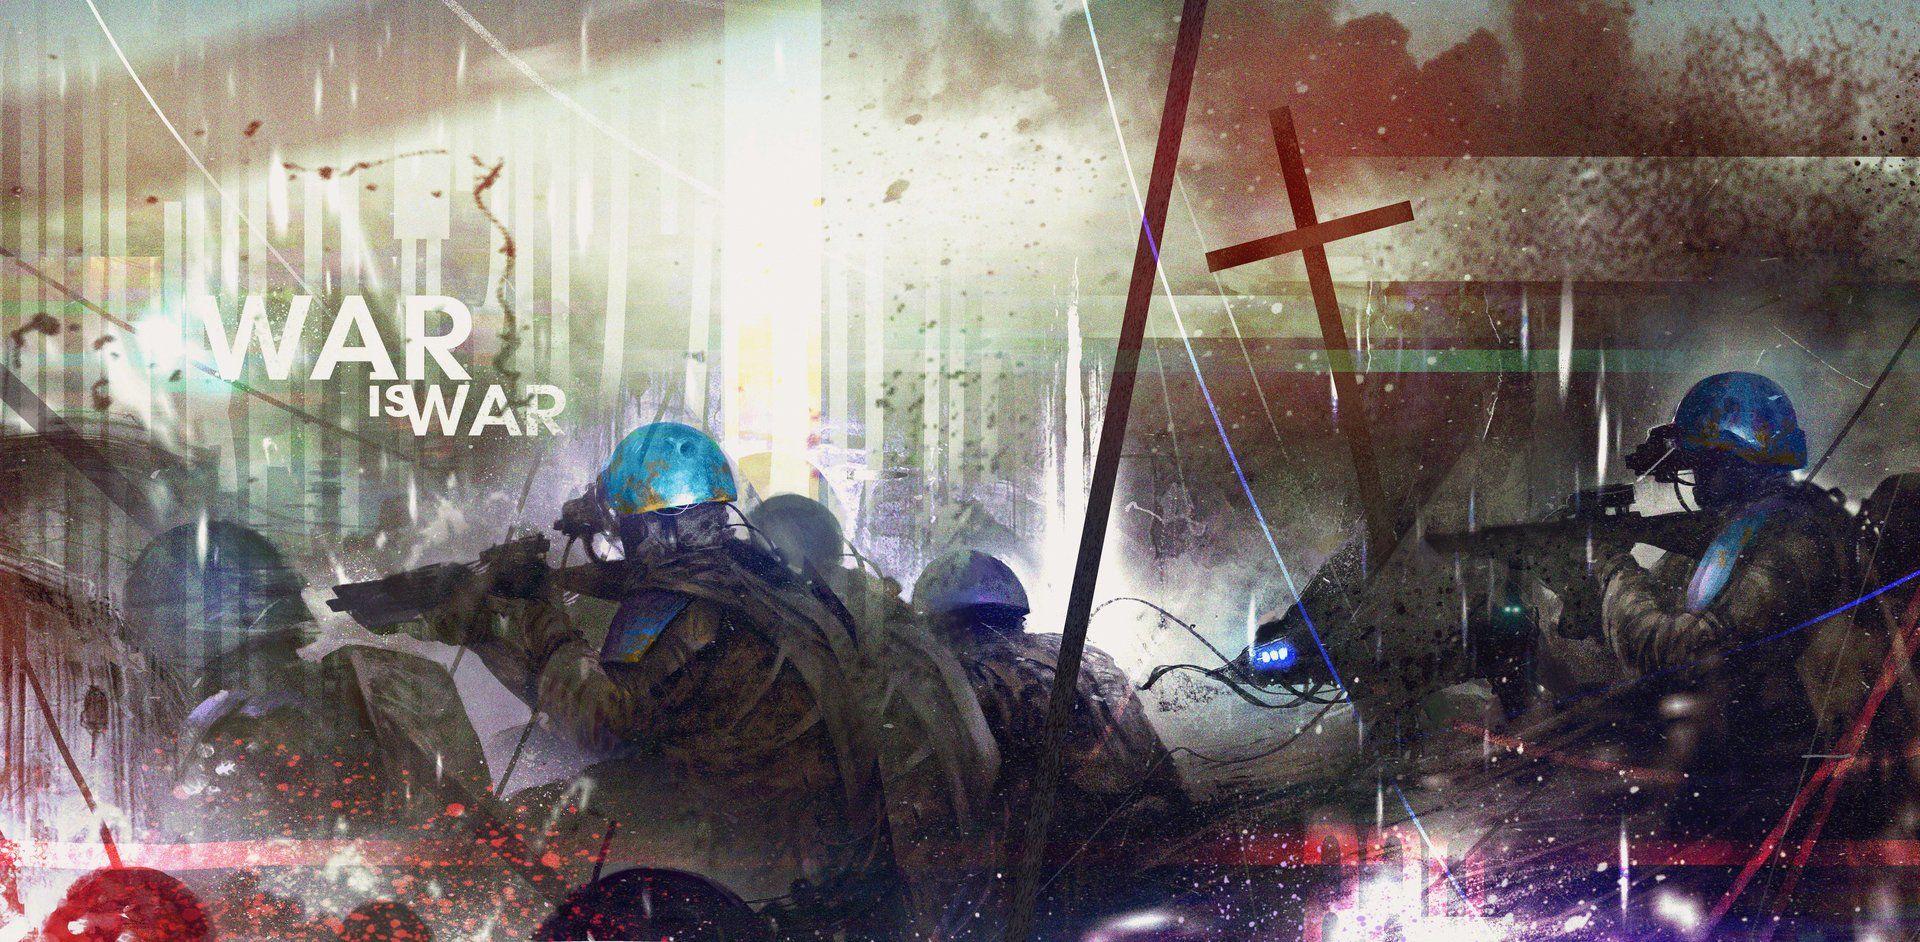 ArtStation - War is war, Max Bedulenko